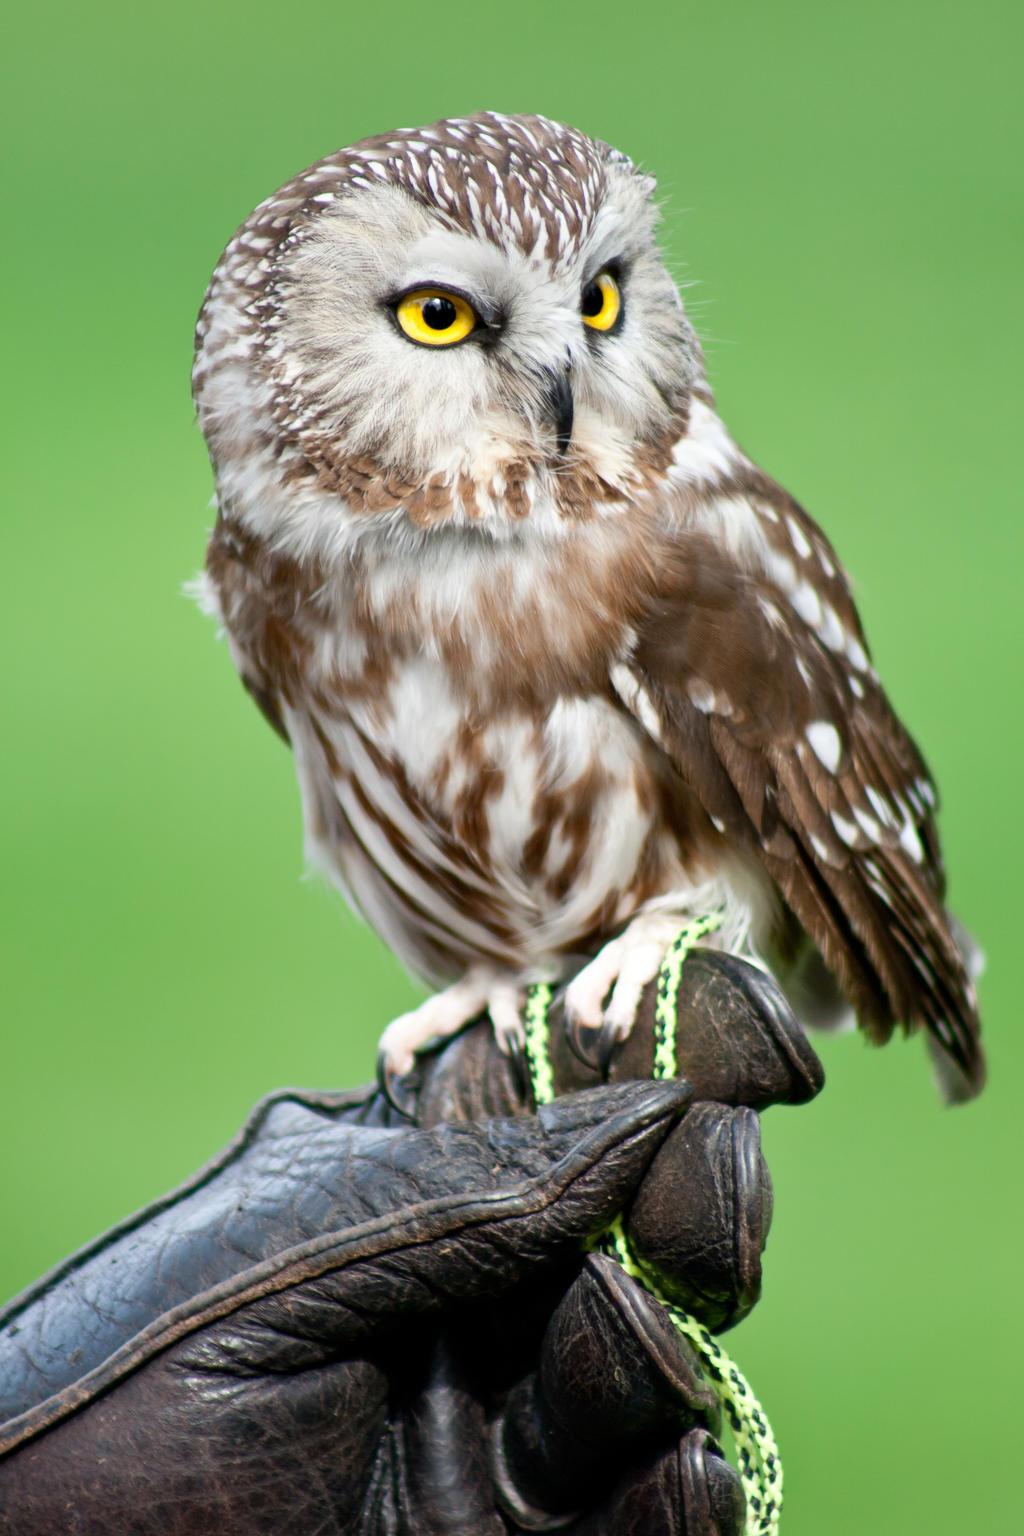 Owl-2 by Eruwyn